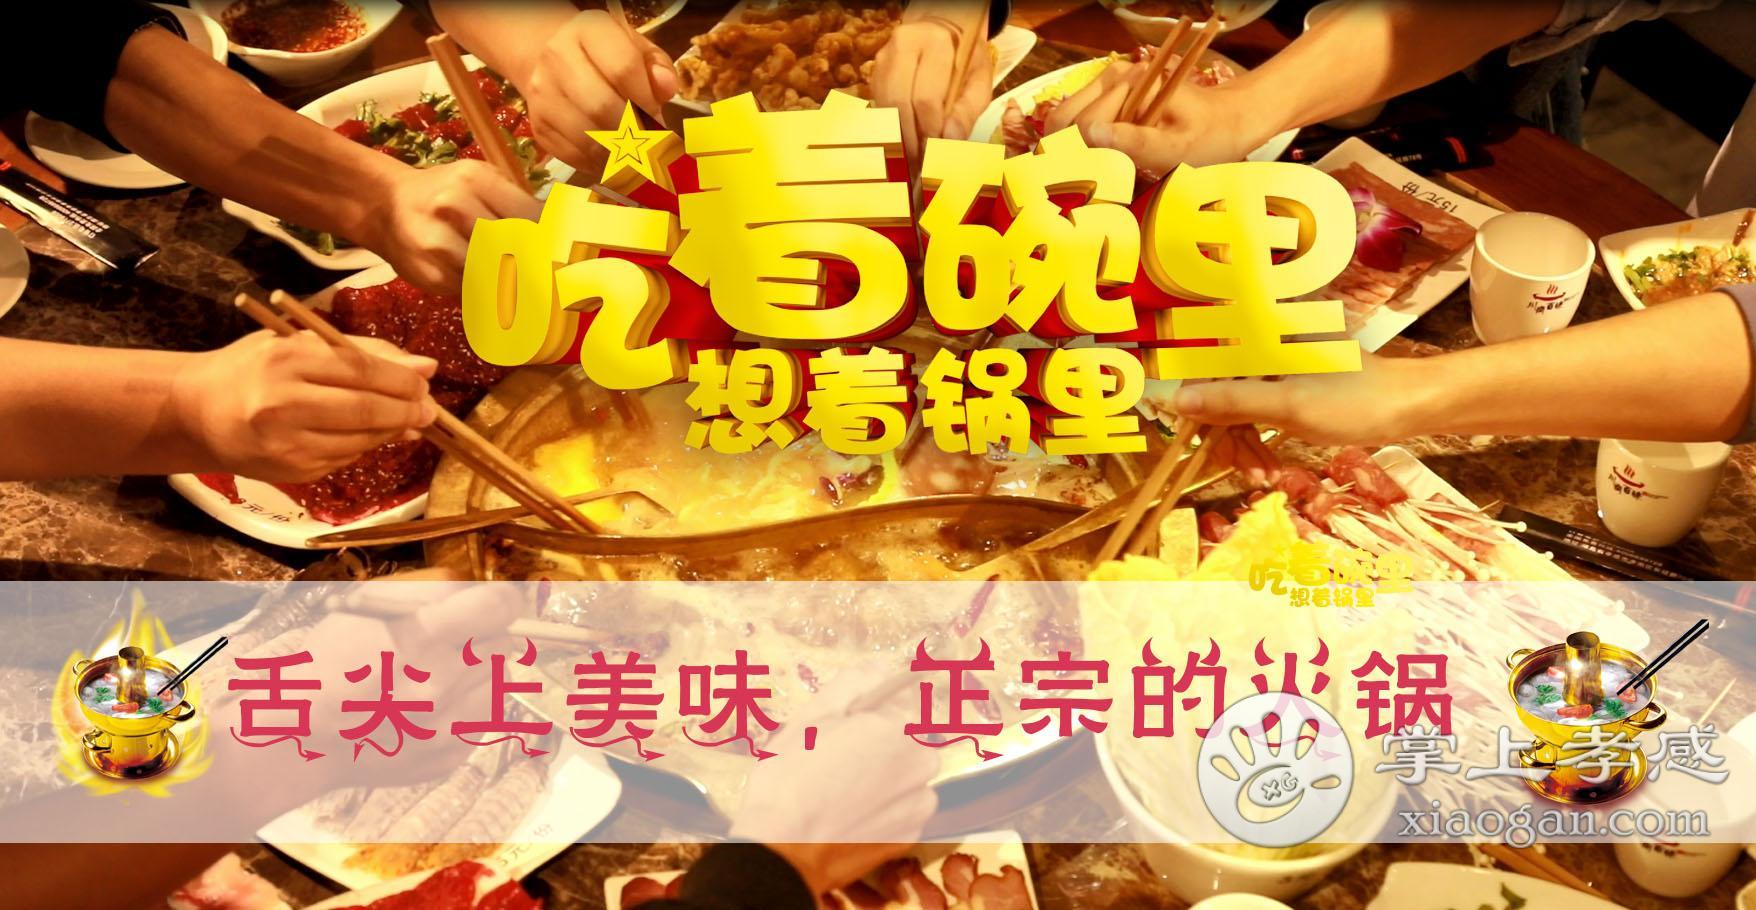 地道的四川火锅在孝感,边吃边看变脸,美味又享受